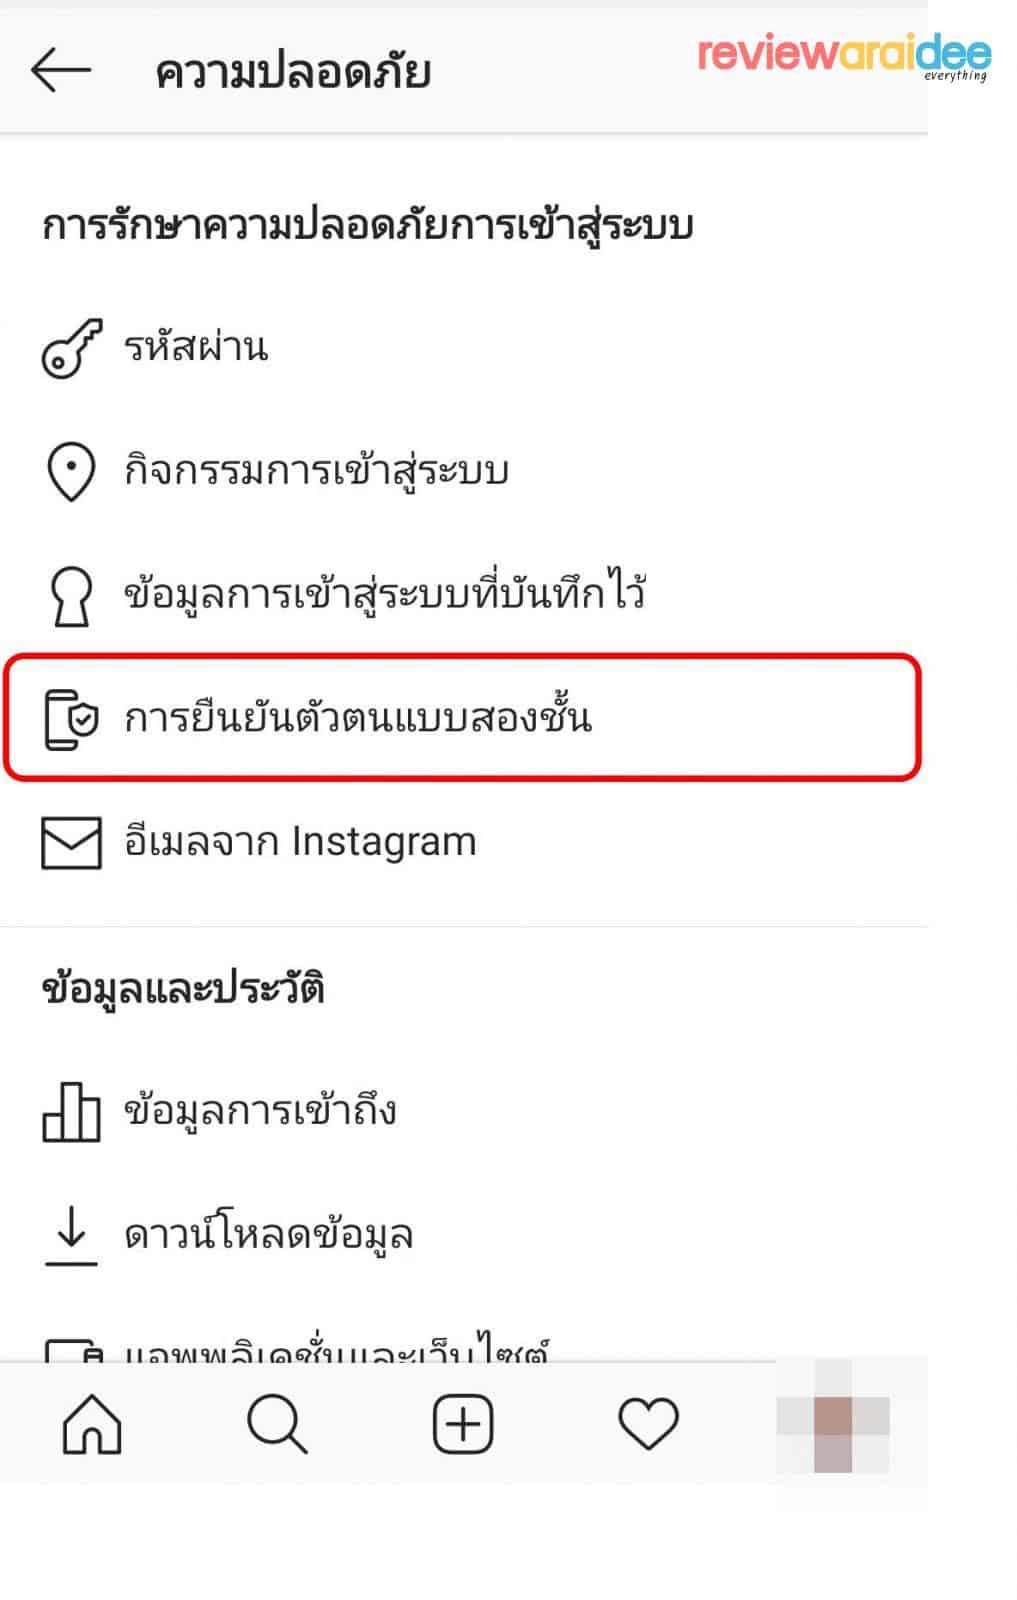 วิธียืนยันตัวตนแบบสองชั้น (Two-Factor Authentication) Instagram (อินสตาแกรม) ด้วยข้อความ SMS